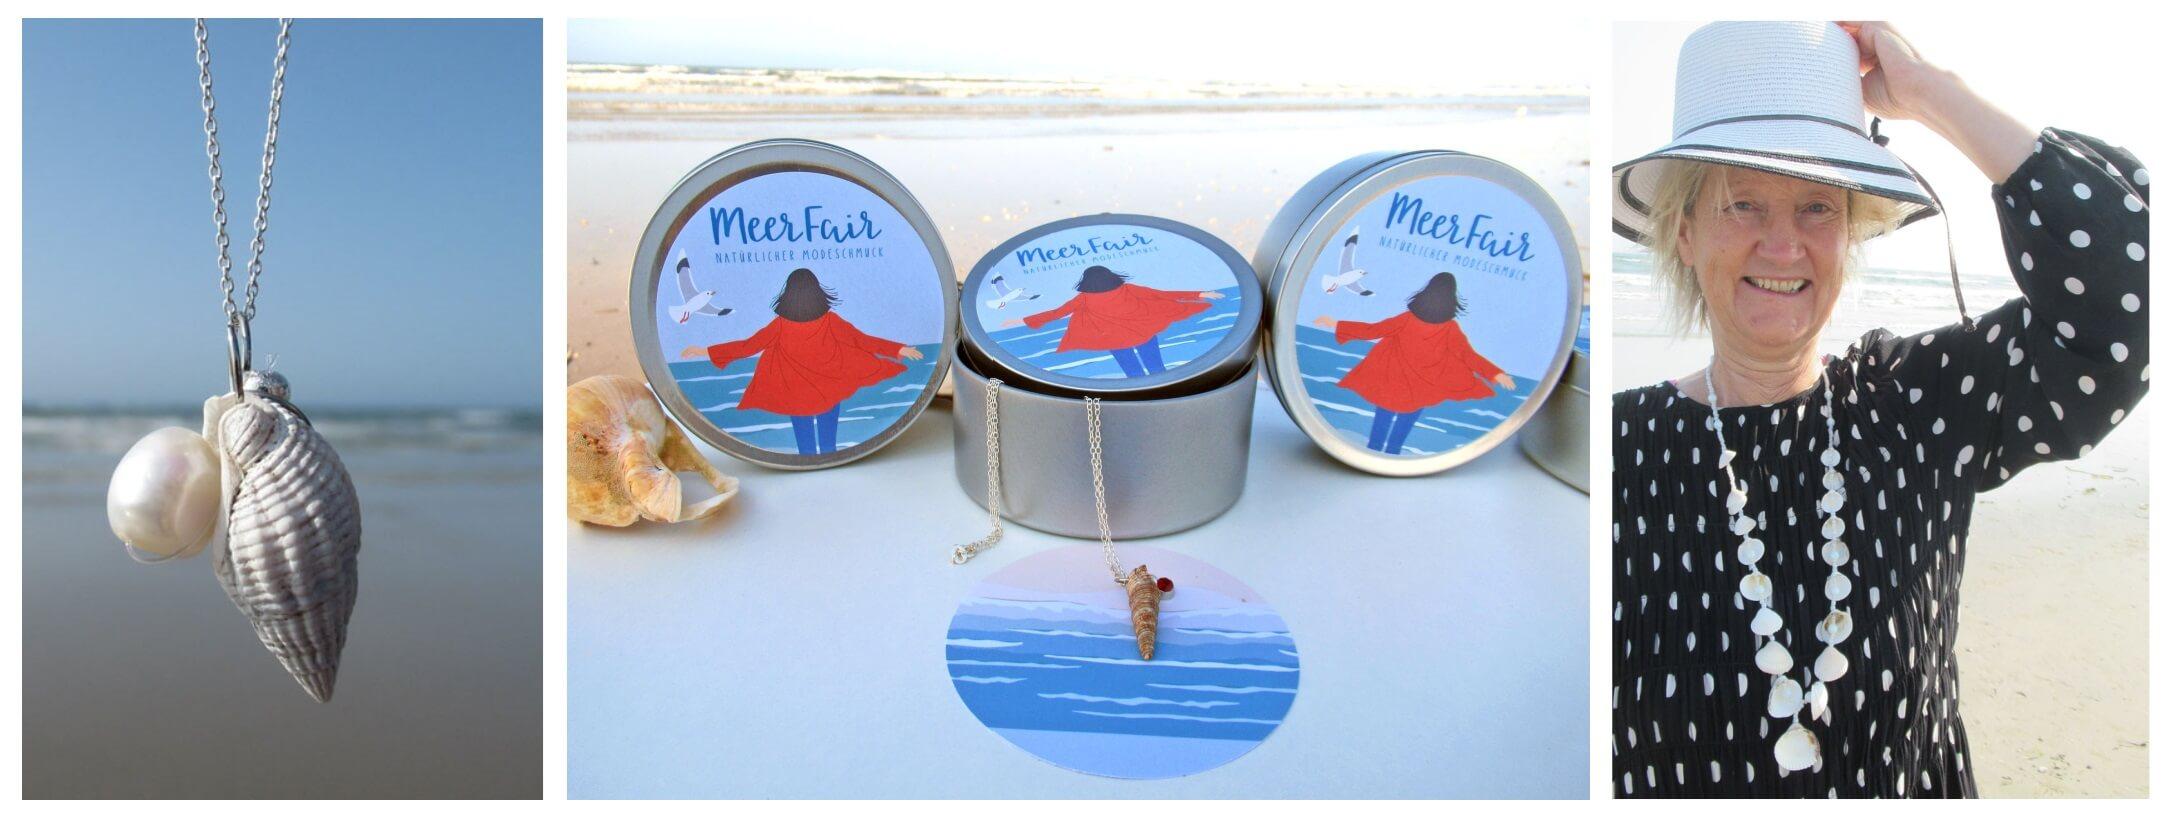 Meerfair Titelbild, nachhaltiger Schmuck im exklusiven Design. Maritimer Modeschmuck online kaufen bei Meerfair